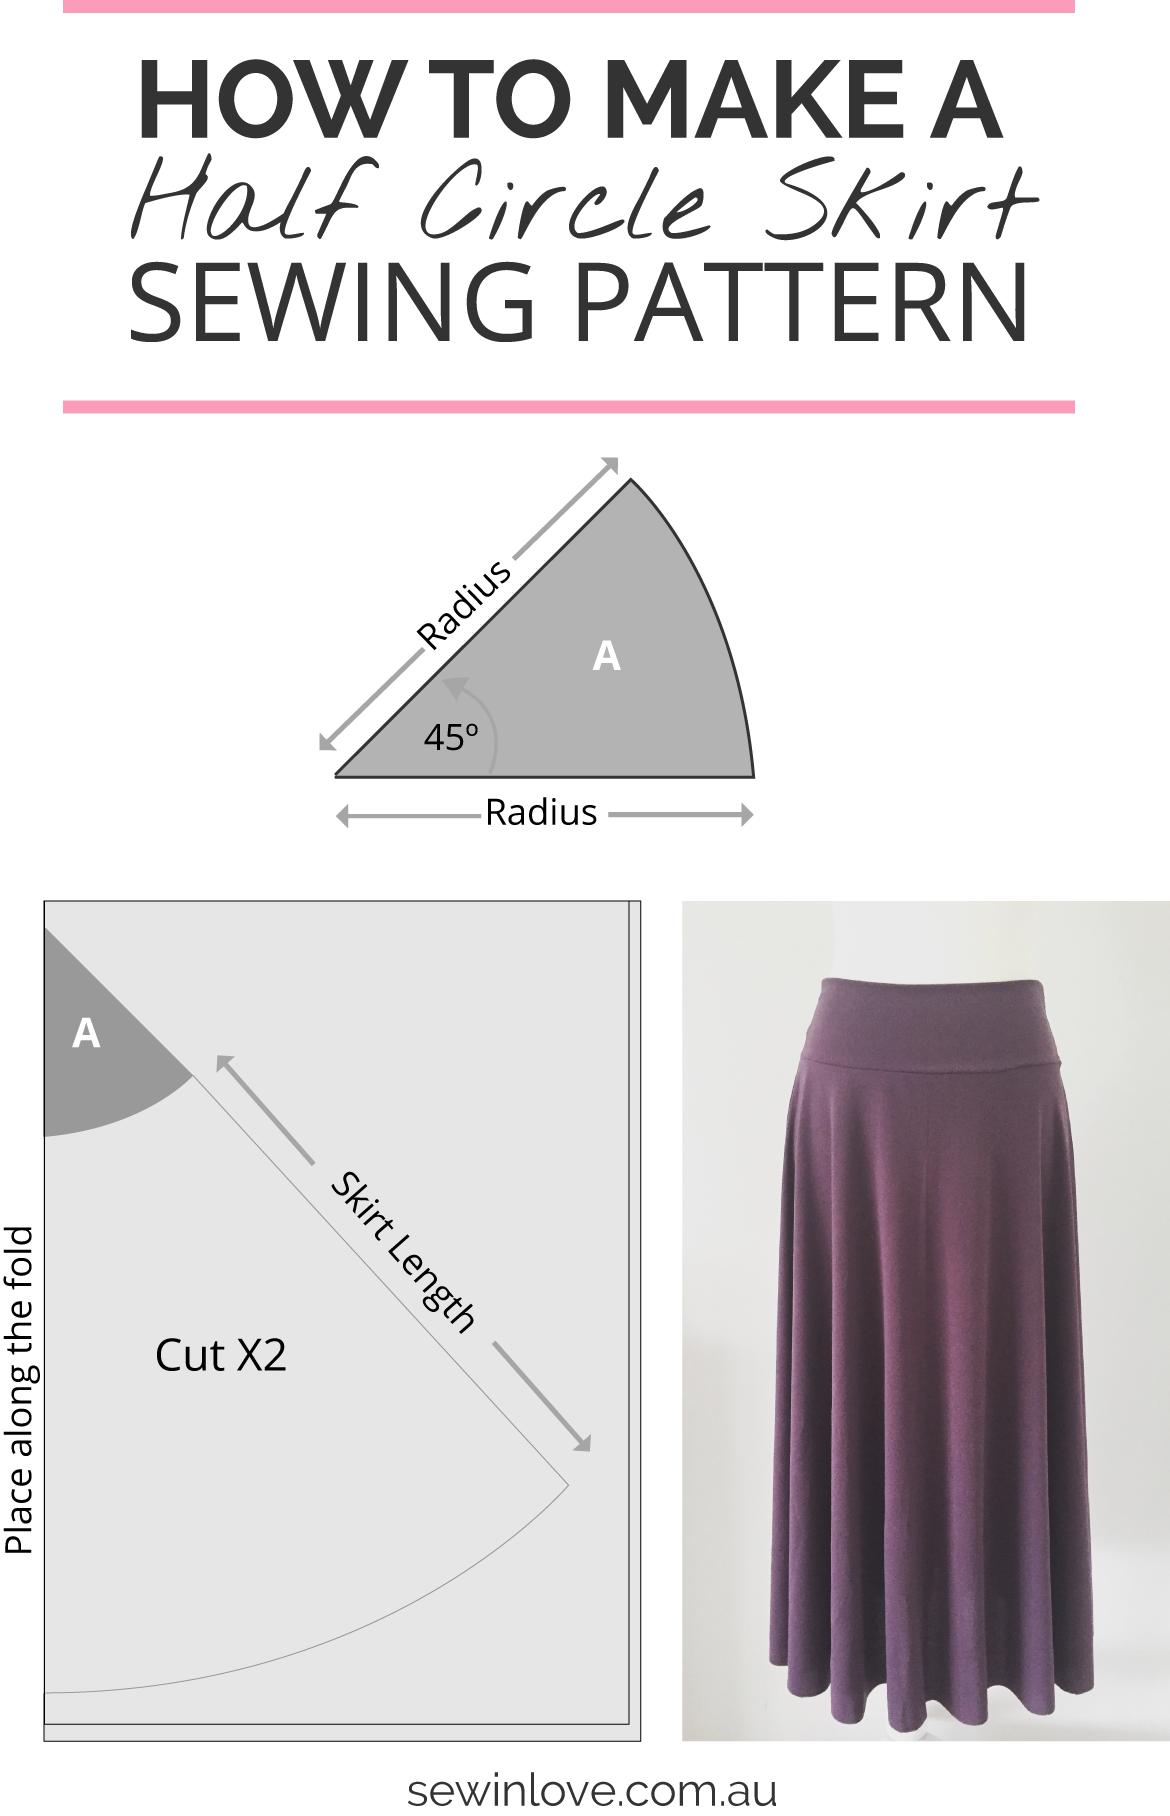 كيف اصنع التنورة |  تعلم كيفية جعل هذا بسيط نمط تنورة الخياطة.  من خلال النقر على خيط في الحب لتعليمات والمزيد من الصور تنورة!